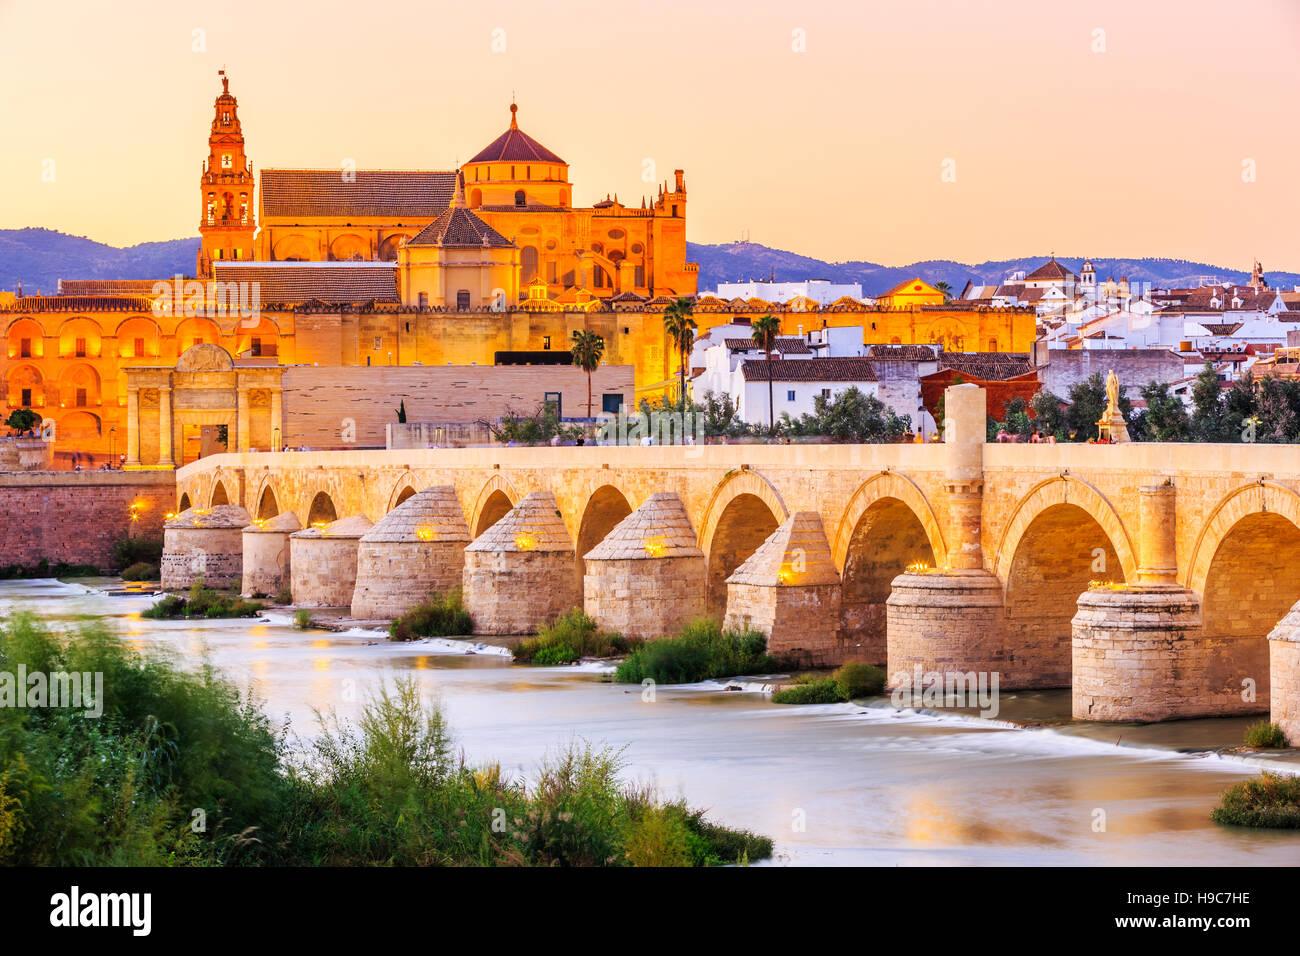 Córdoba, Spanien. Römische Brücke und Moschee-Kathedrale am Fluss Guadalquivir. Stockbild